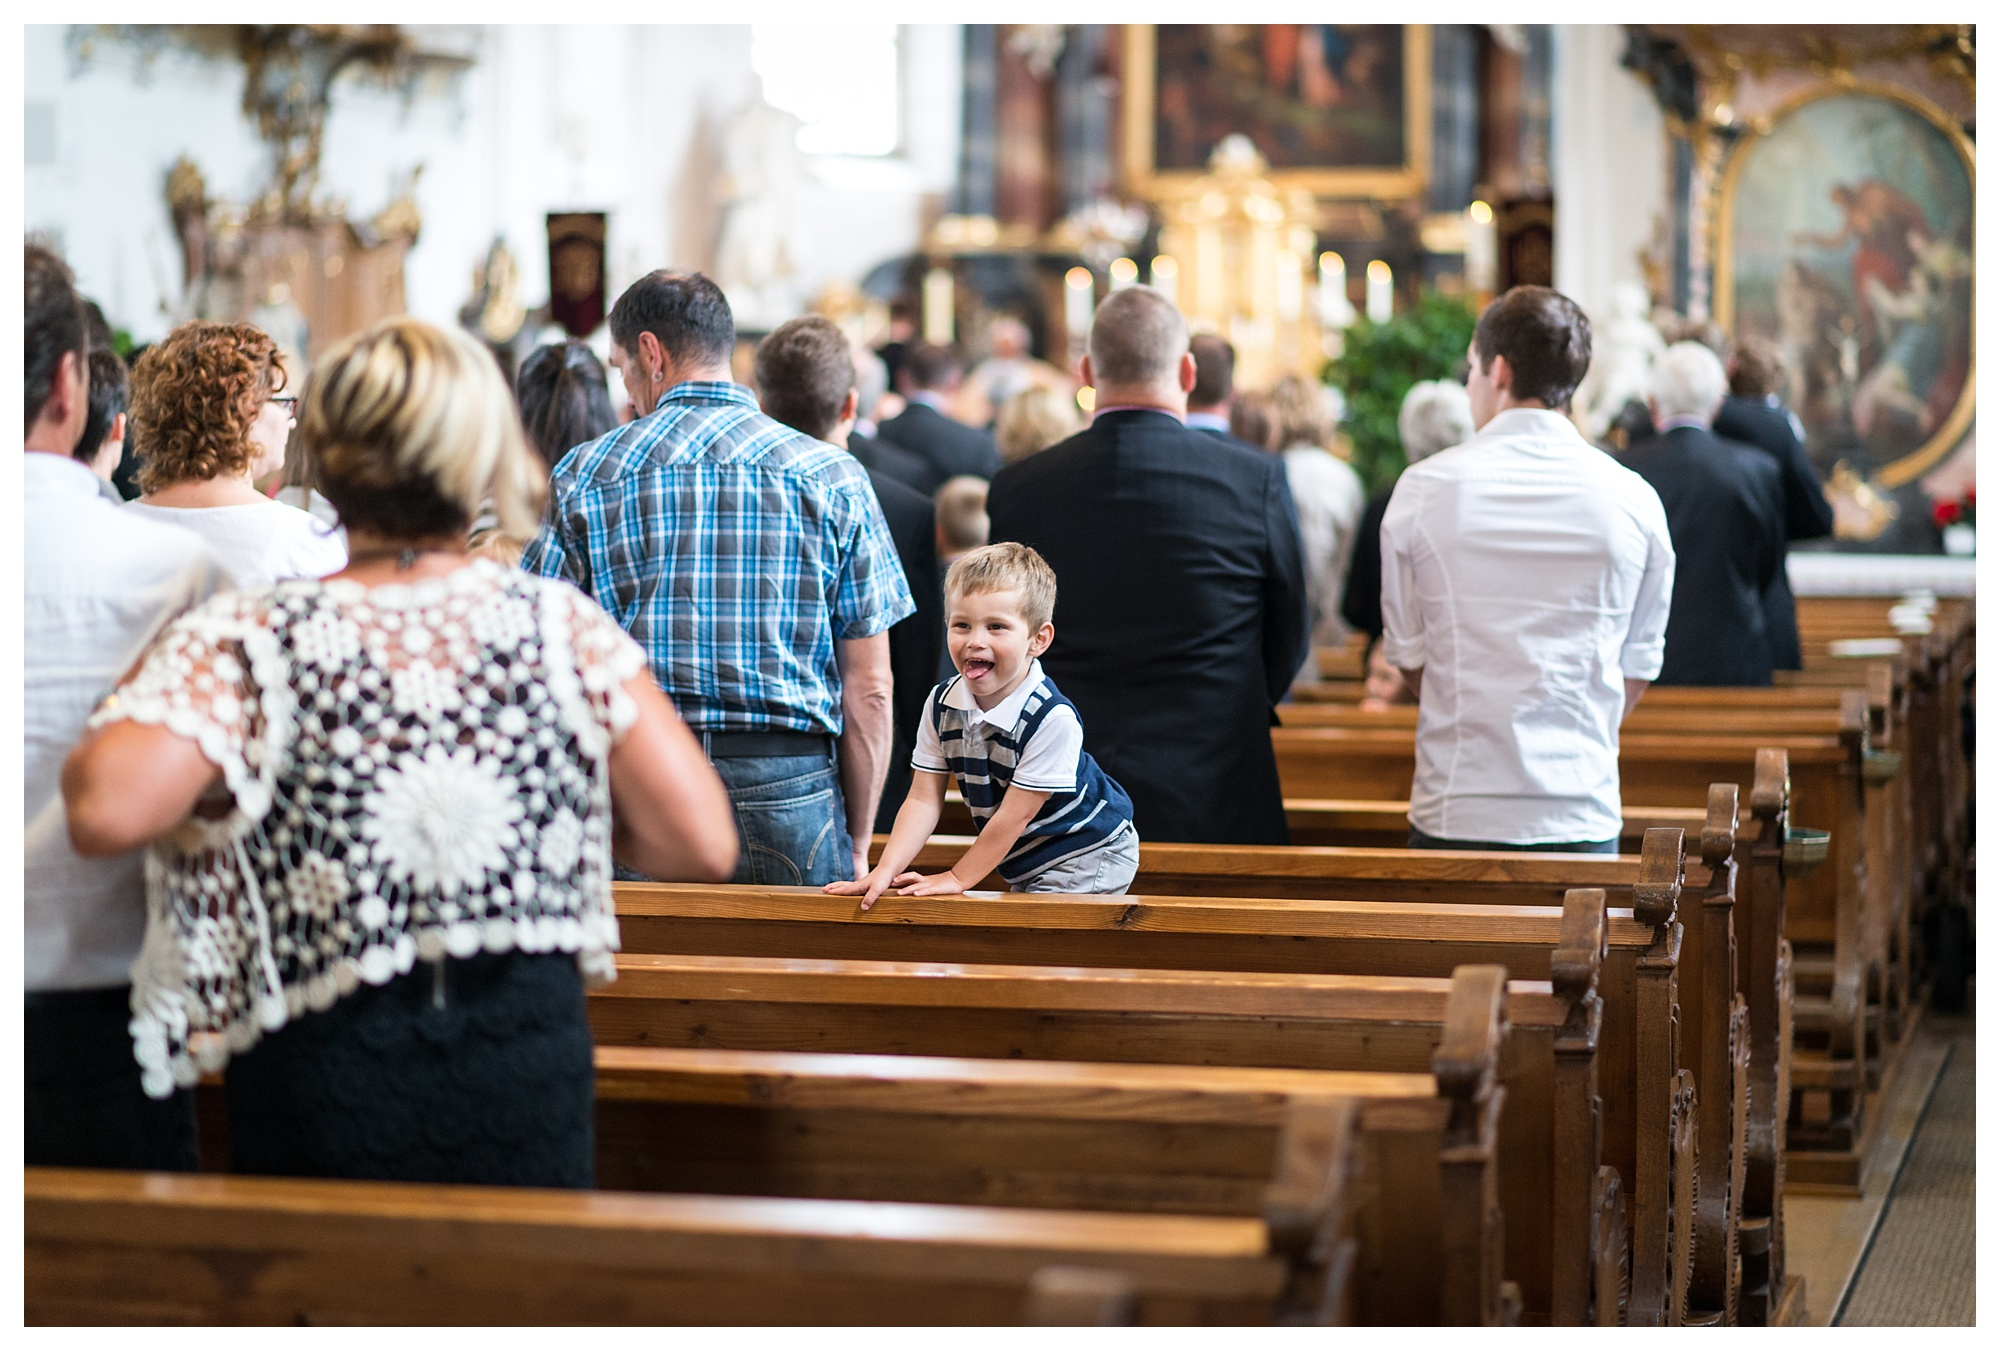 Fotograf Konstanz - Hochzeit Tanja Elmar Elmar Feuerbacher Photography Konstanz Messkirch Highlights 031 - Hochzeitsreportage von Tanja und Elmar im Schloss Meßkirch  - 135 -